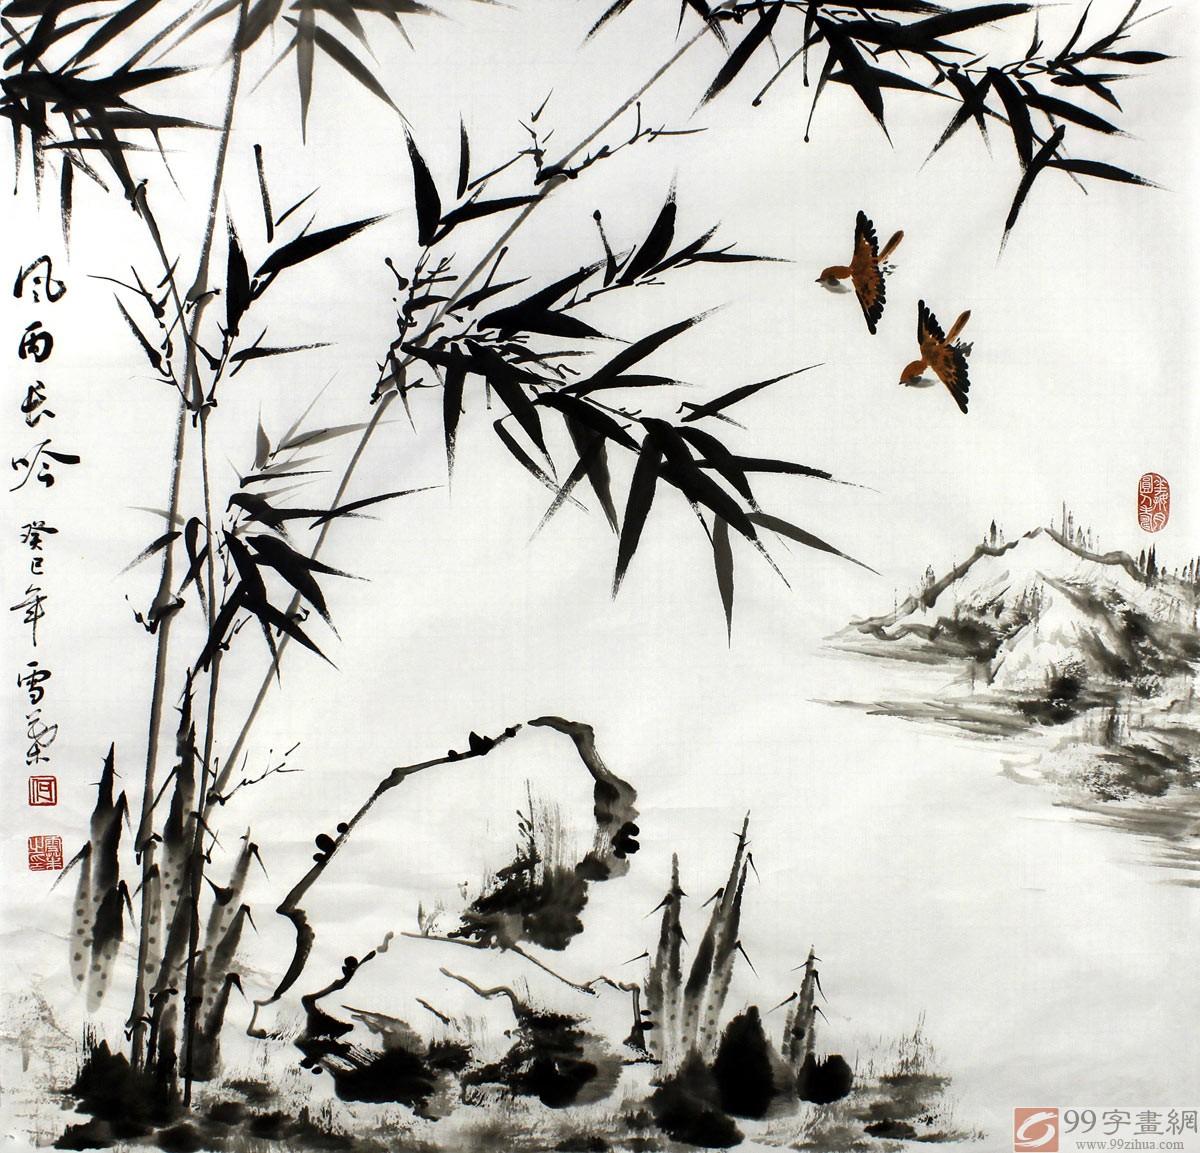 何华贤写意墨竹怪石图风雨长吟 - 竹子画 - 99字画网